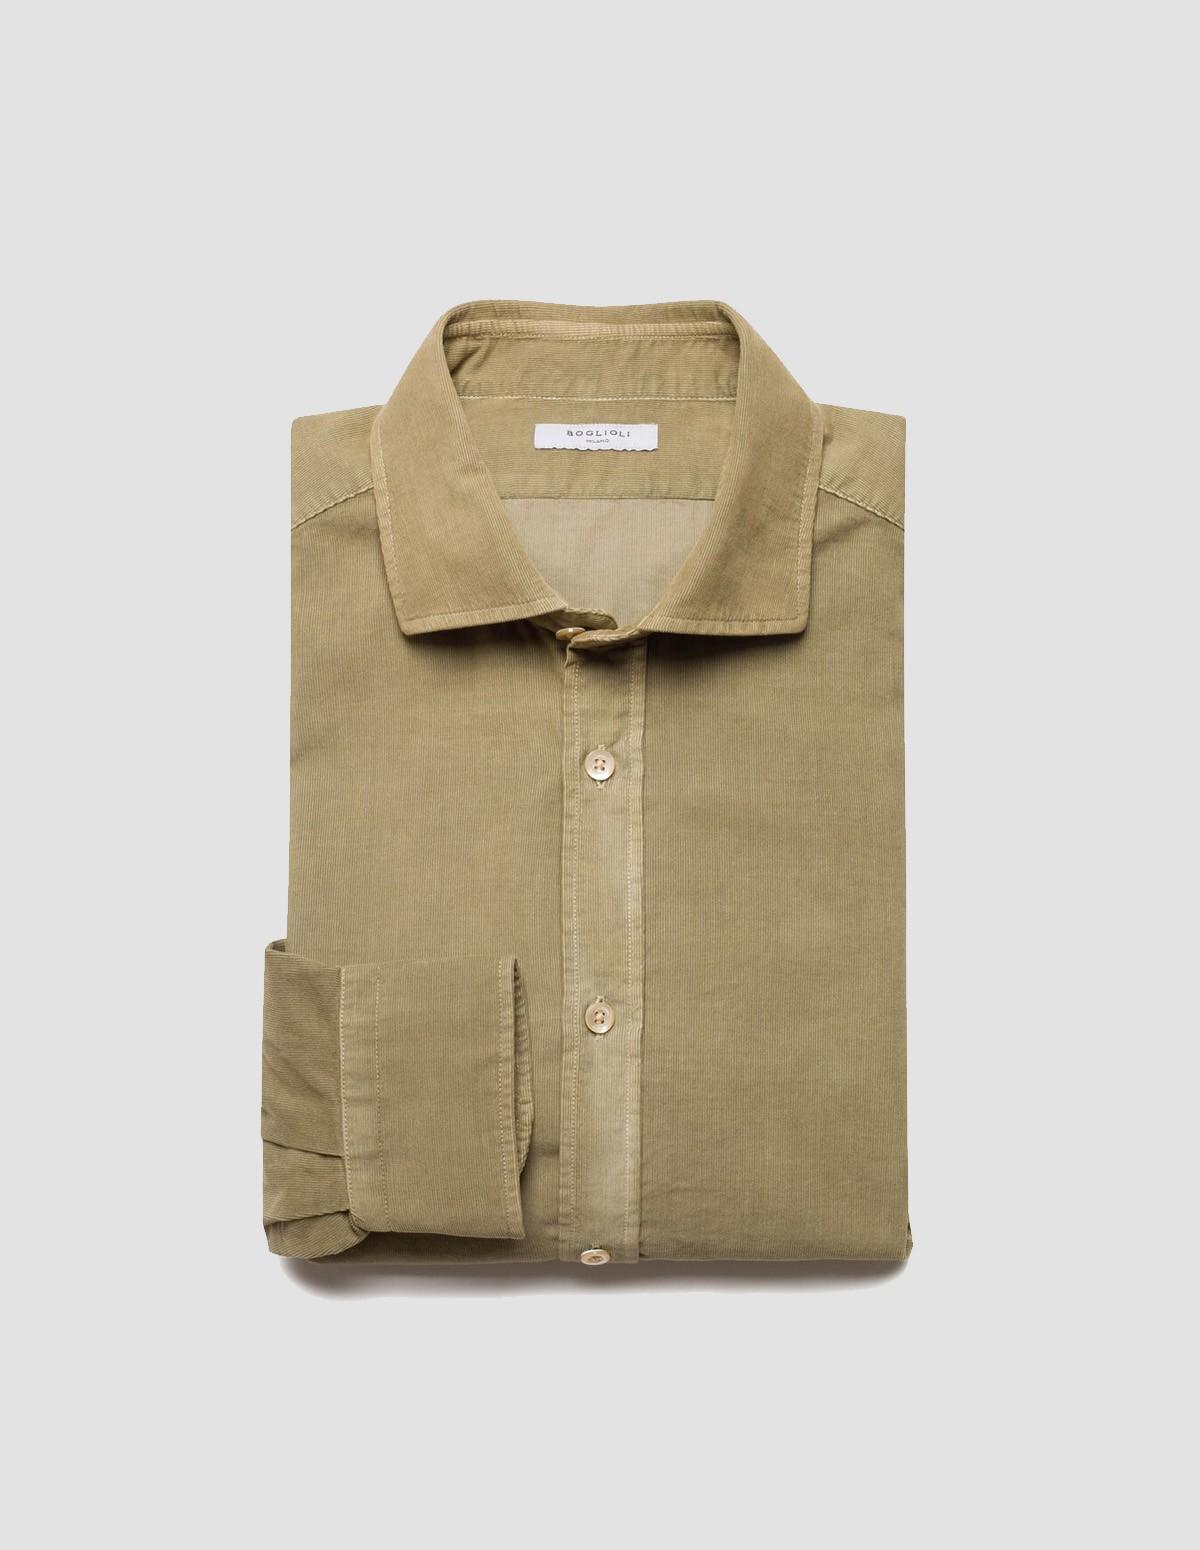 Boglioli Shirt 554t Bsc887 - 0553